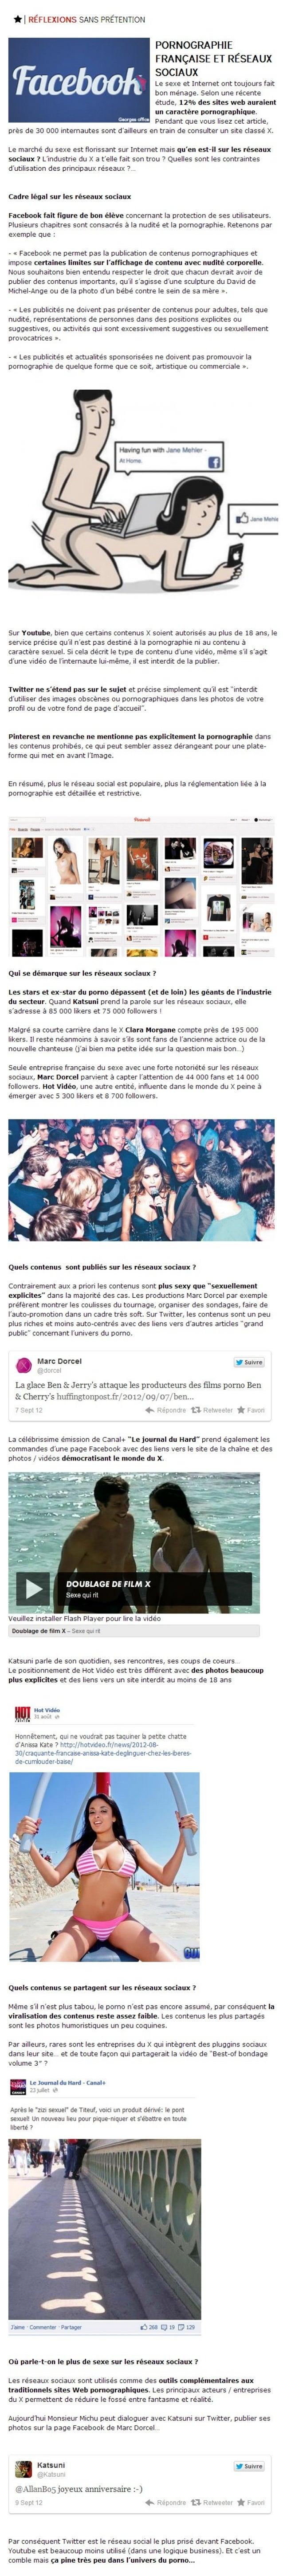 Pornographie française et réseaux sociaux